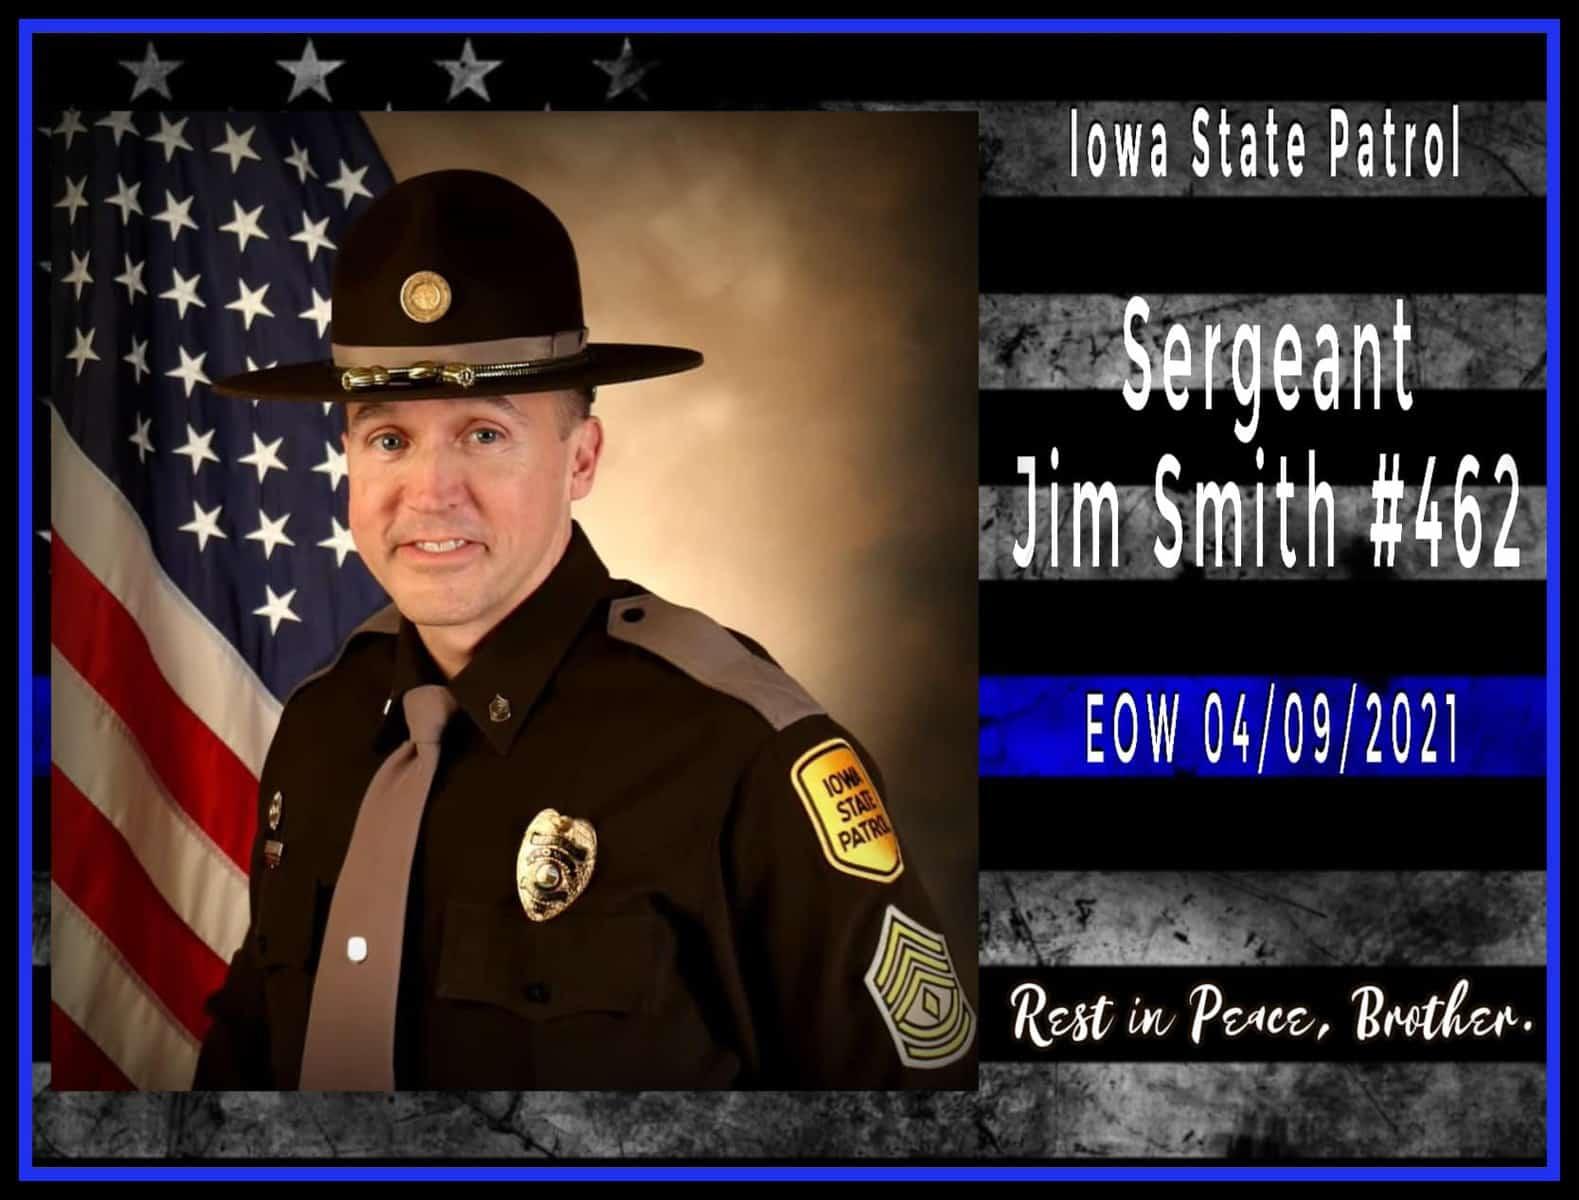 Sergeant Jim Smith